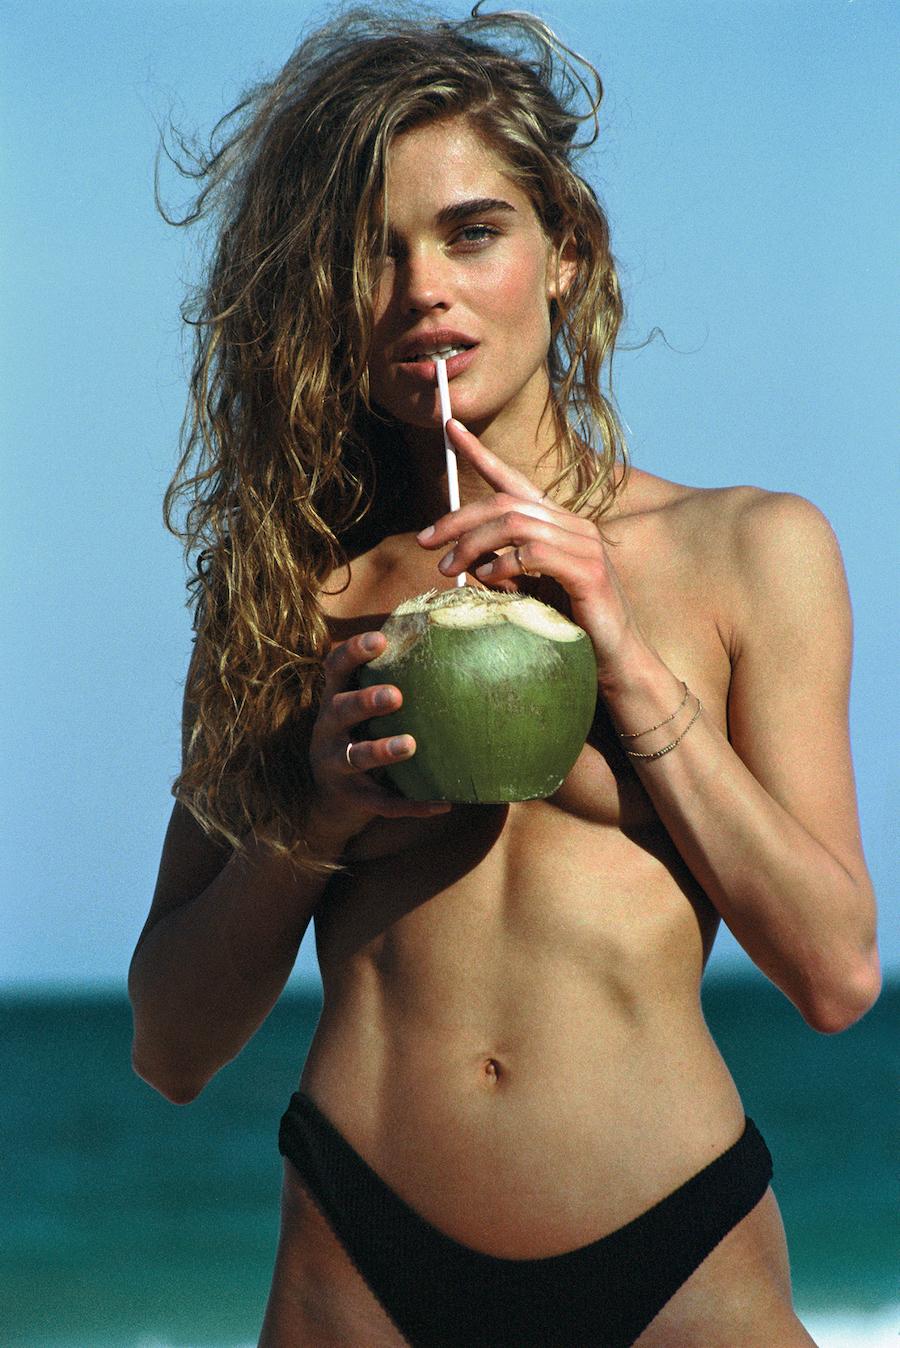 Melanie thierry nude la princesse de montpensier 2010 - 3 part 4